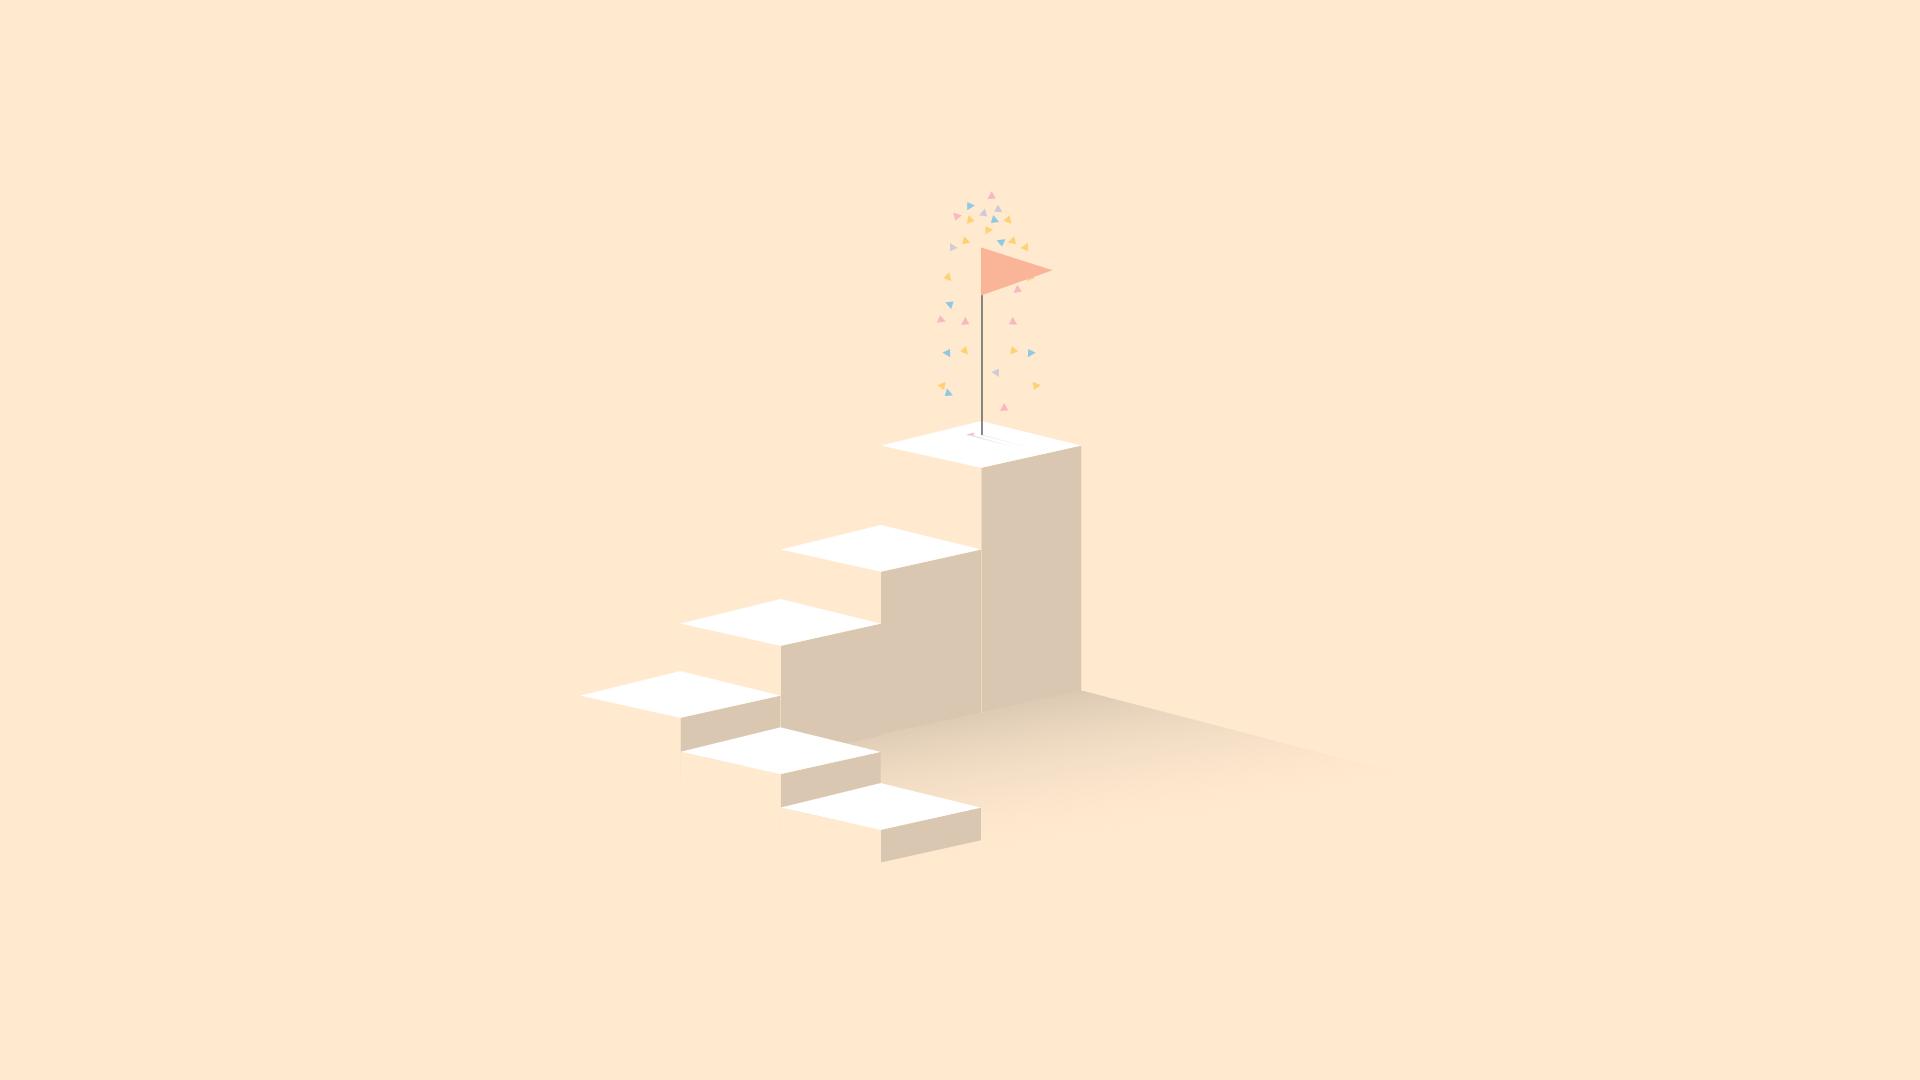 Riassumendo: - Inizia identificando il tuo obiettivo nel modo più preciso possibile.Una volta che l'obiettivo è chiaro, lascia che la tua mente inizi automaticamente a fare brainstorming.Non appena avrai raccolto tutte le tue idee, dovresti organizzarle e raggrupparle e quindi capire le azioni concrete necessarie per avvicinare il tuo progetto al suo obiettivo.